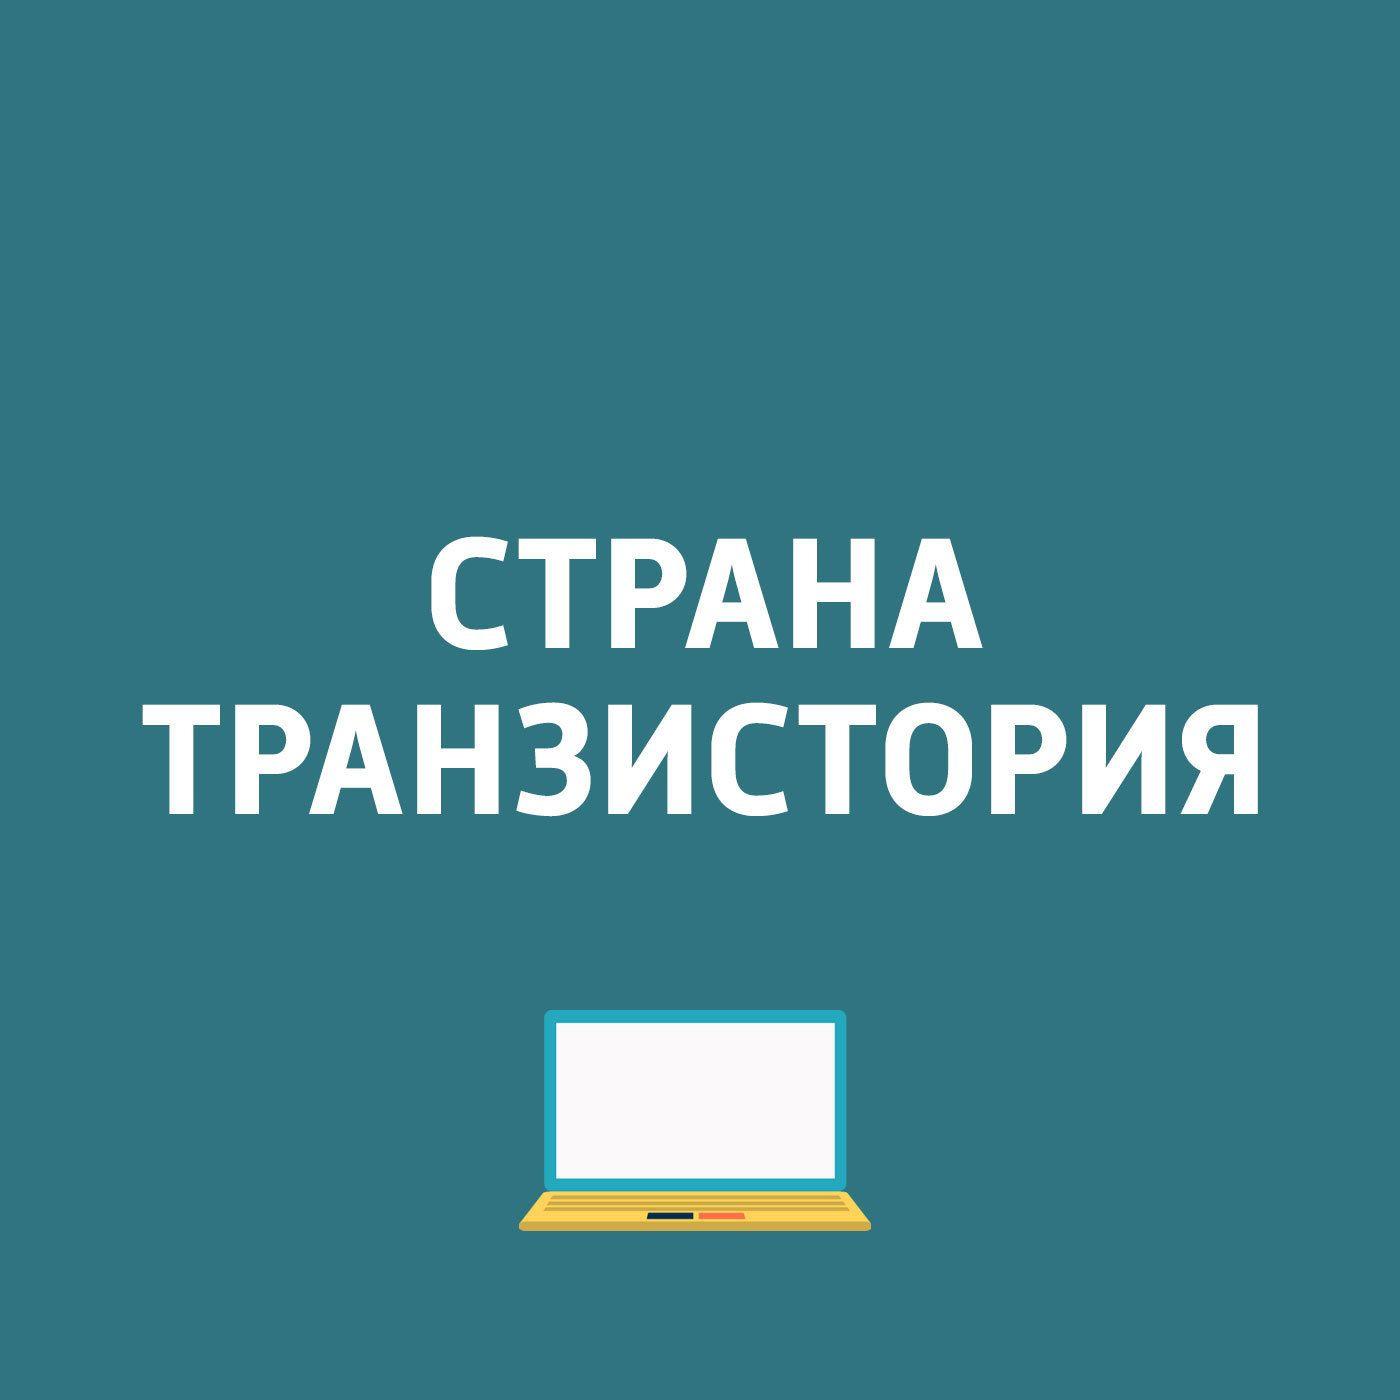 Картаев Павел РГБ открыла доступ к 450 тысячам диссертаций в электронной библиотеке